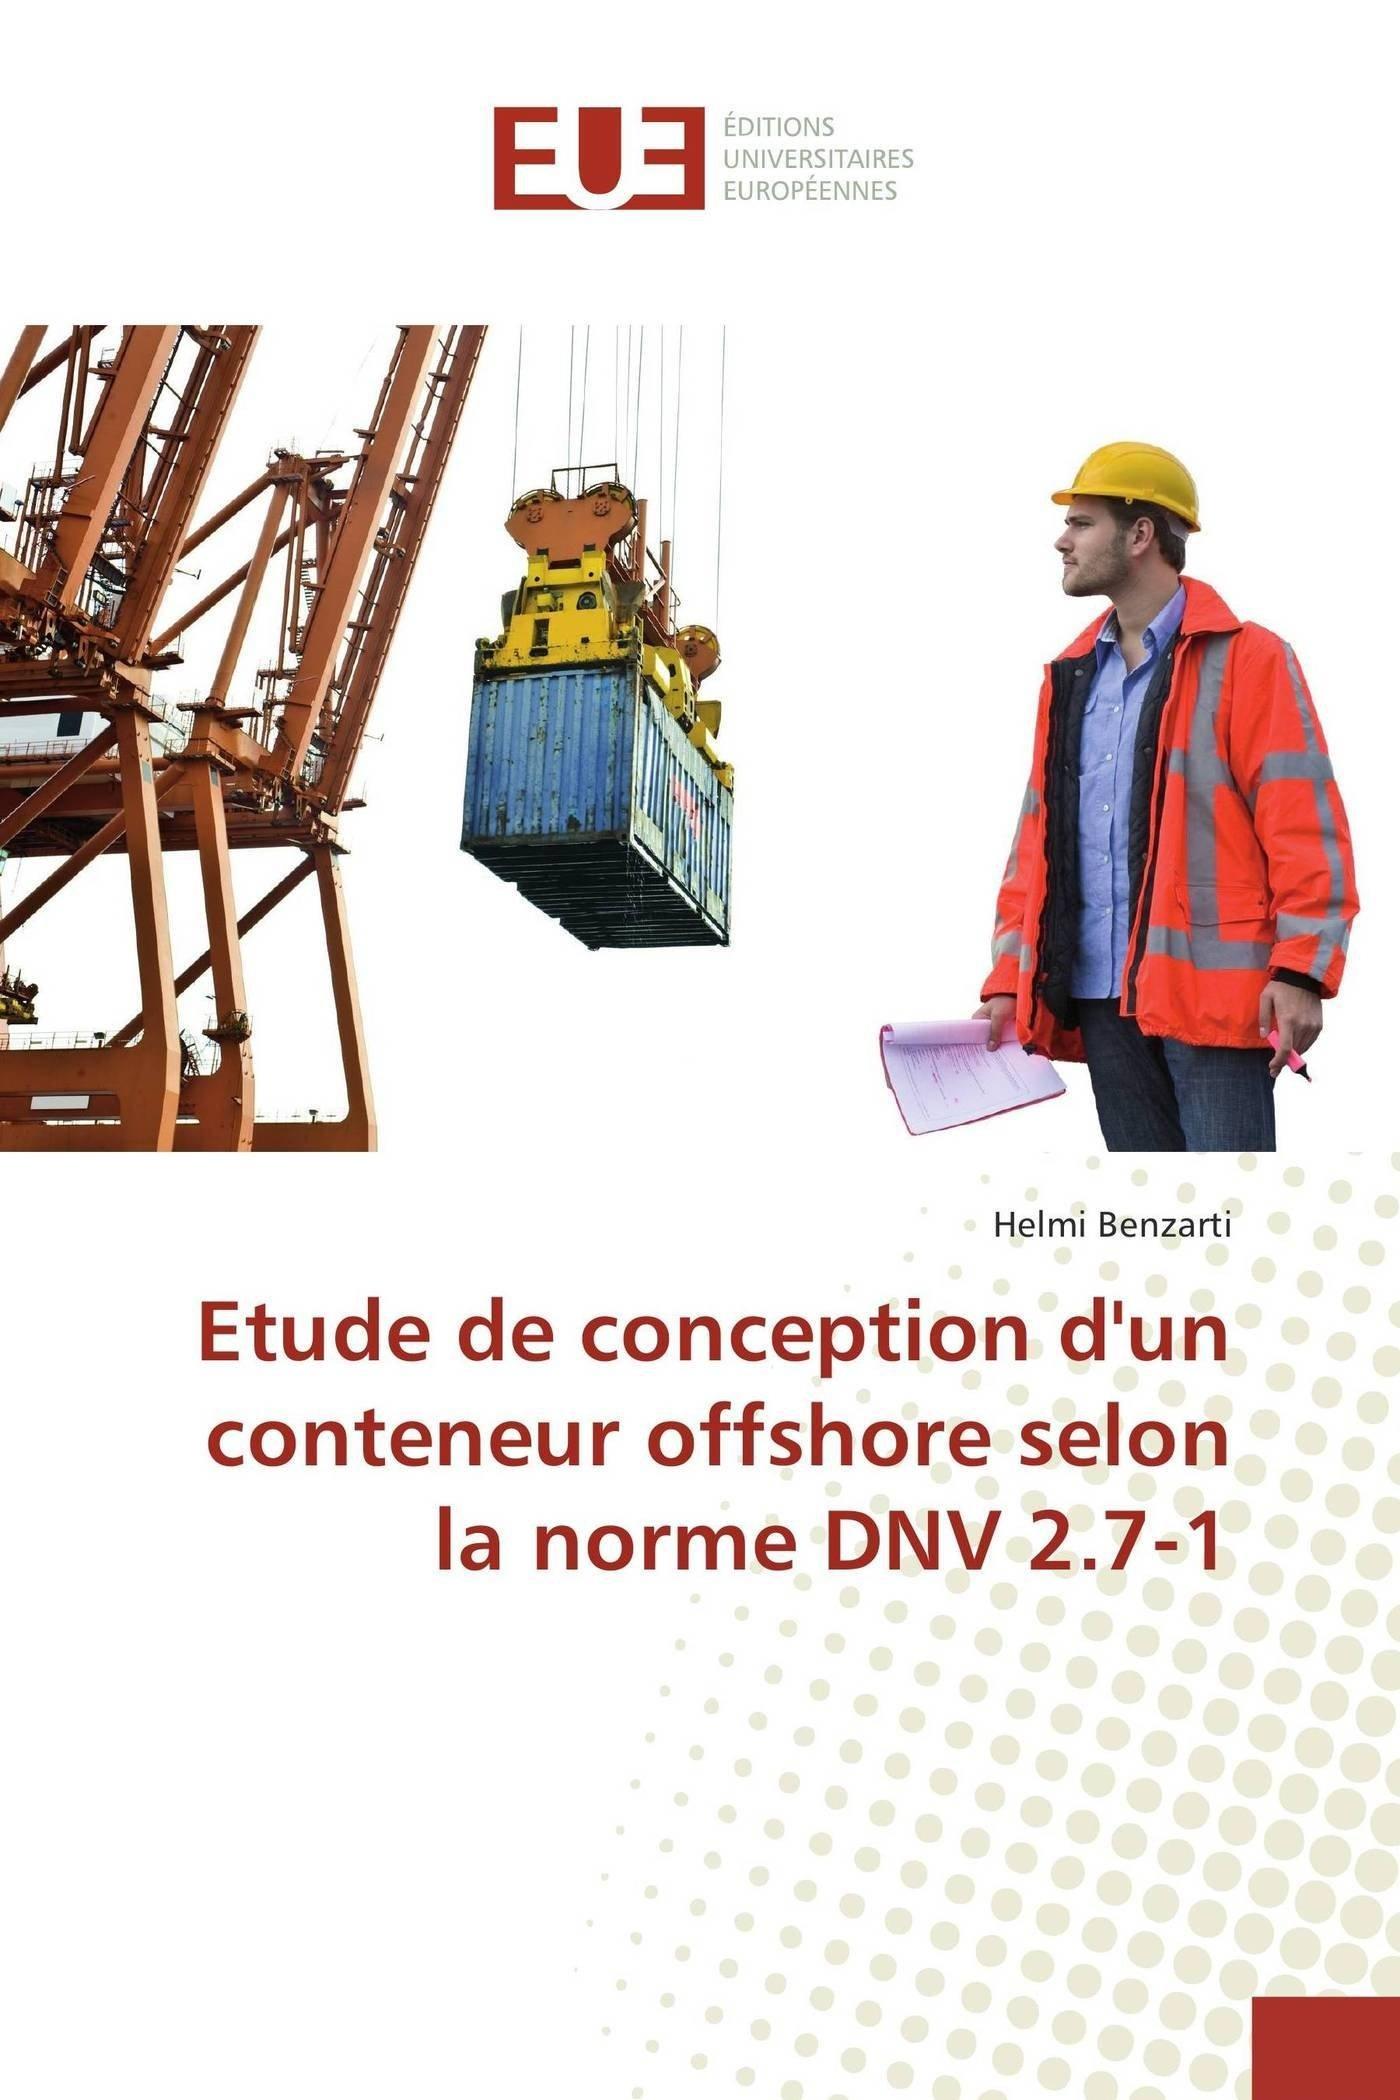 Etude de conception dun conteneur offshore selon la norme DNV 2.7-1 Broché – 6 novembre 2015 Helmi Benzarti Univ Européenne 3841677738 Essais littéraires